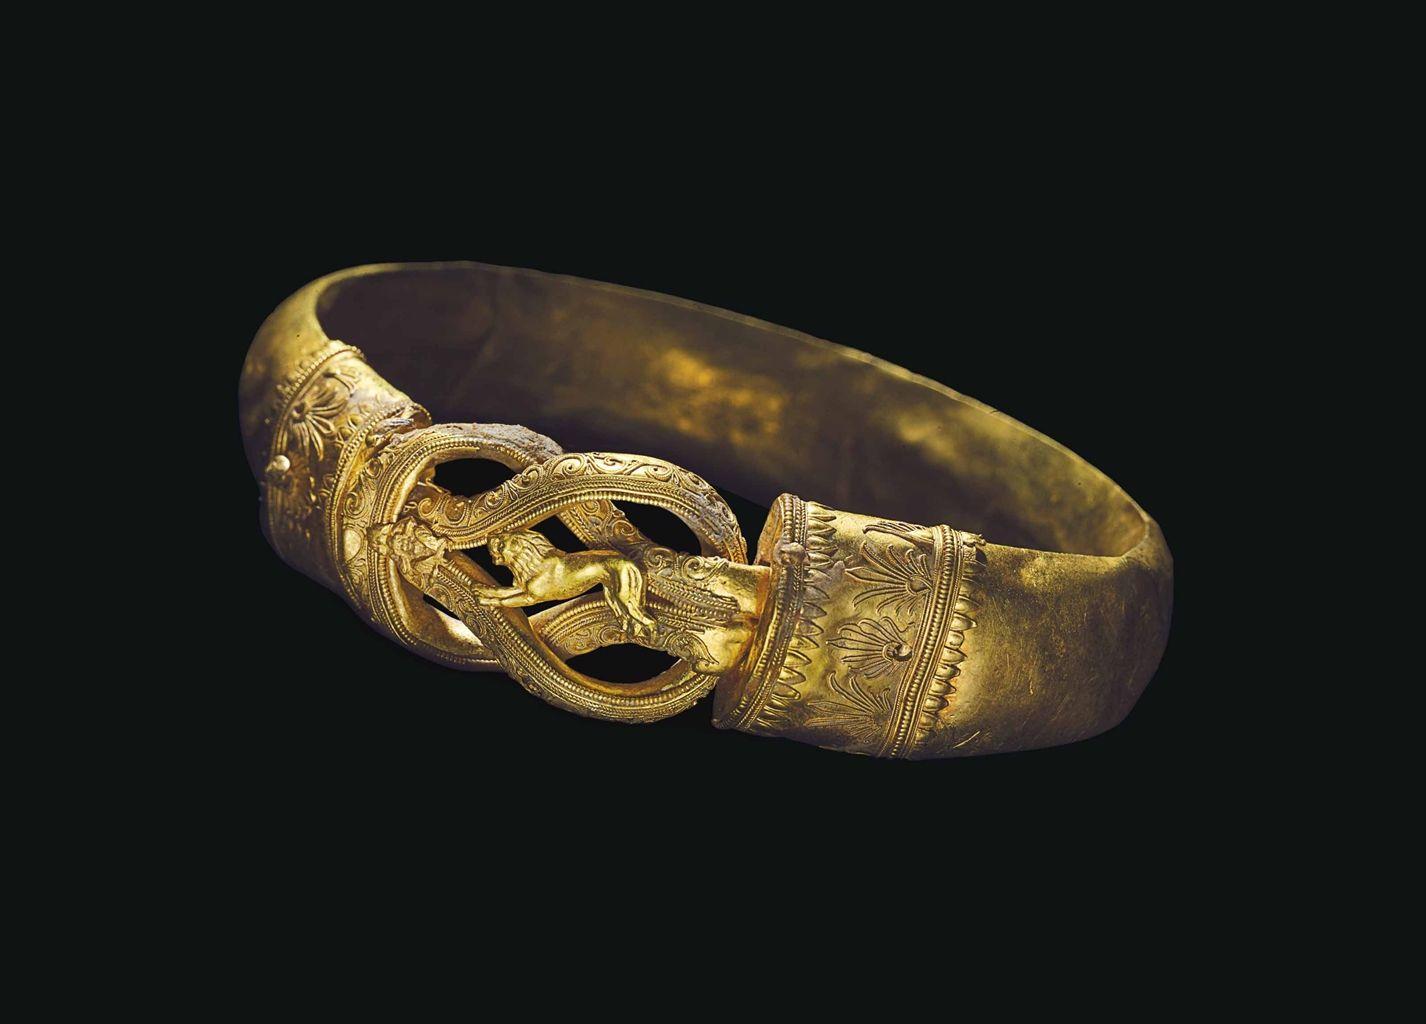 золотой старинный браслет с грифонами фото